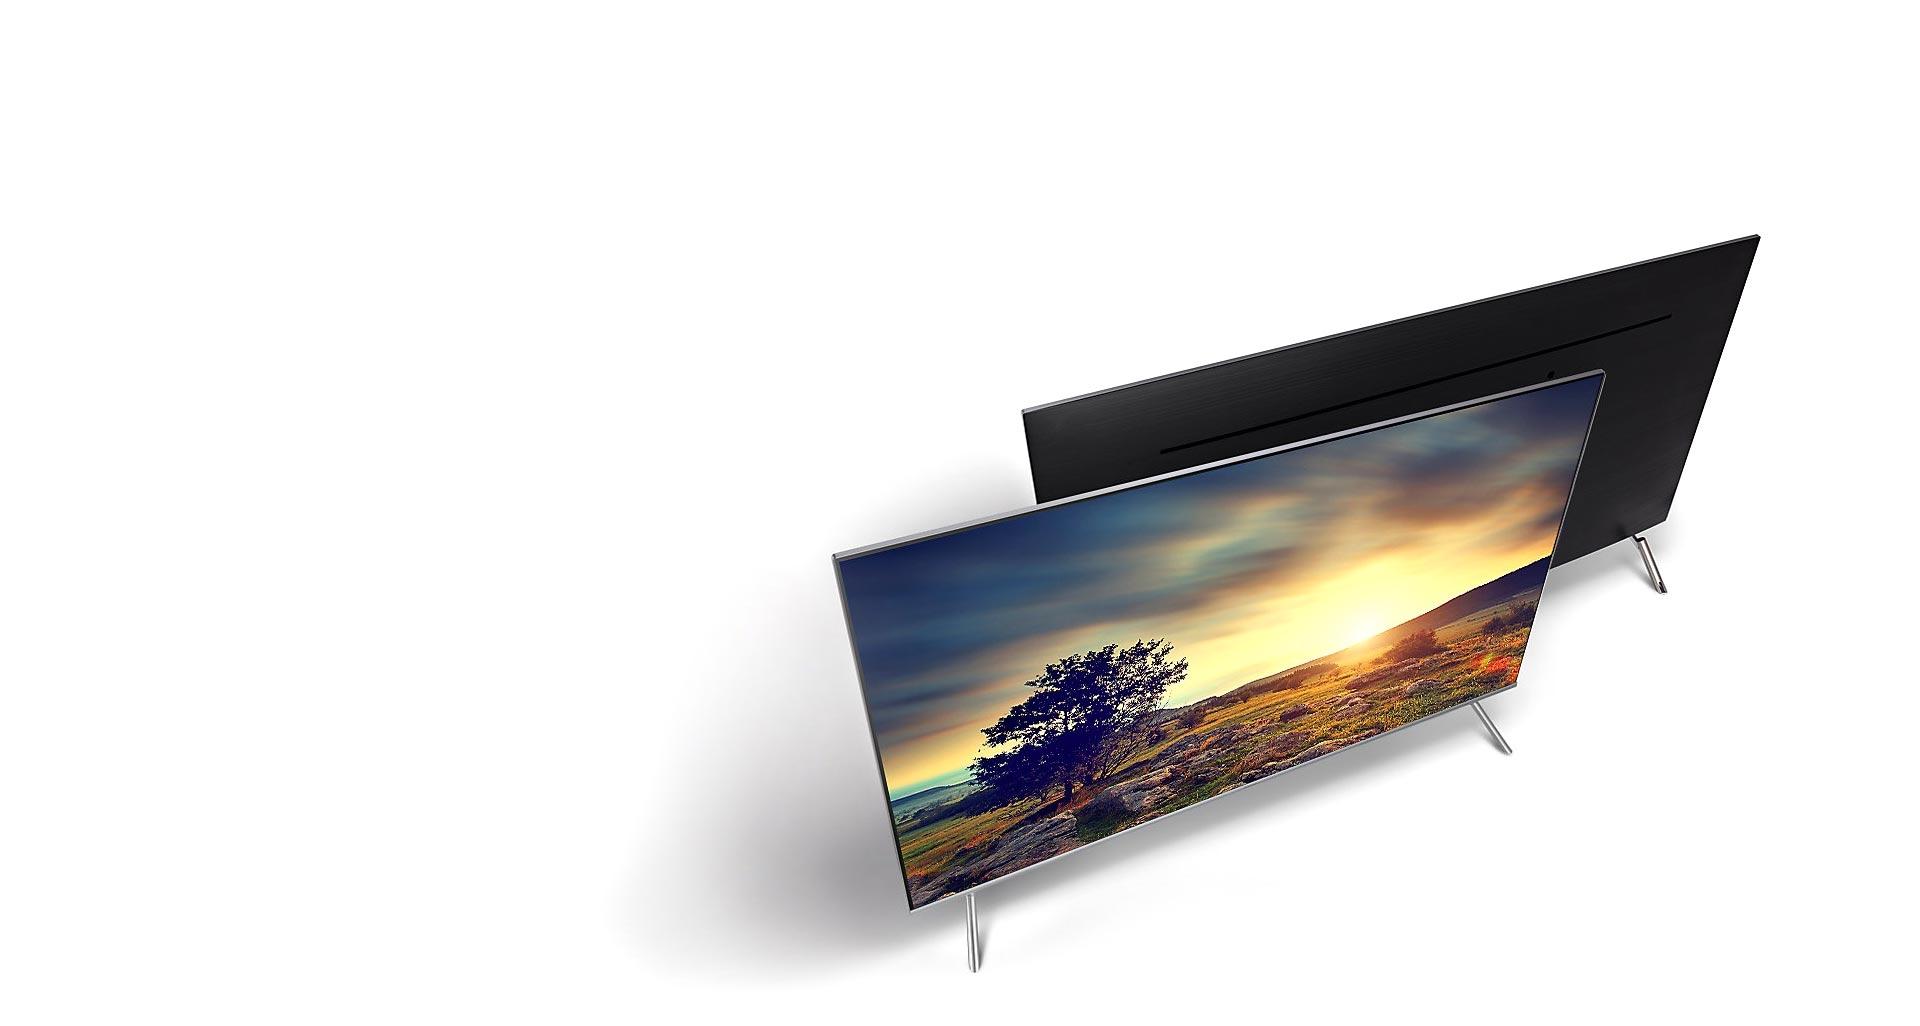 تلویزیون سامسونگ سری 8 با طراحی 360 درجه